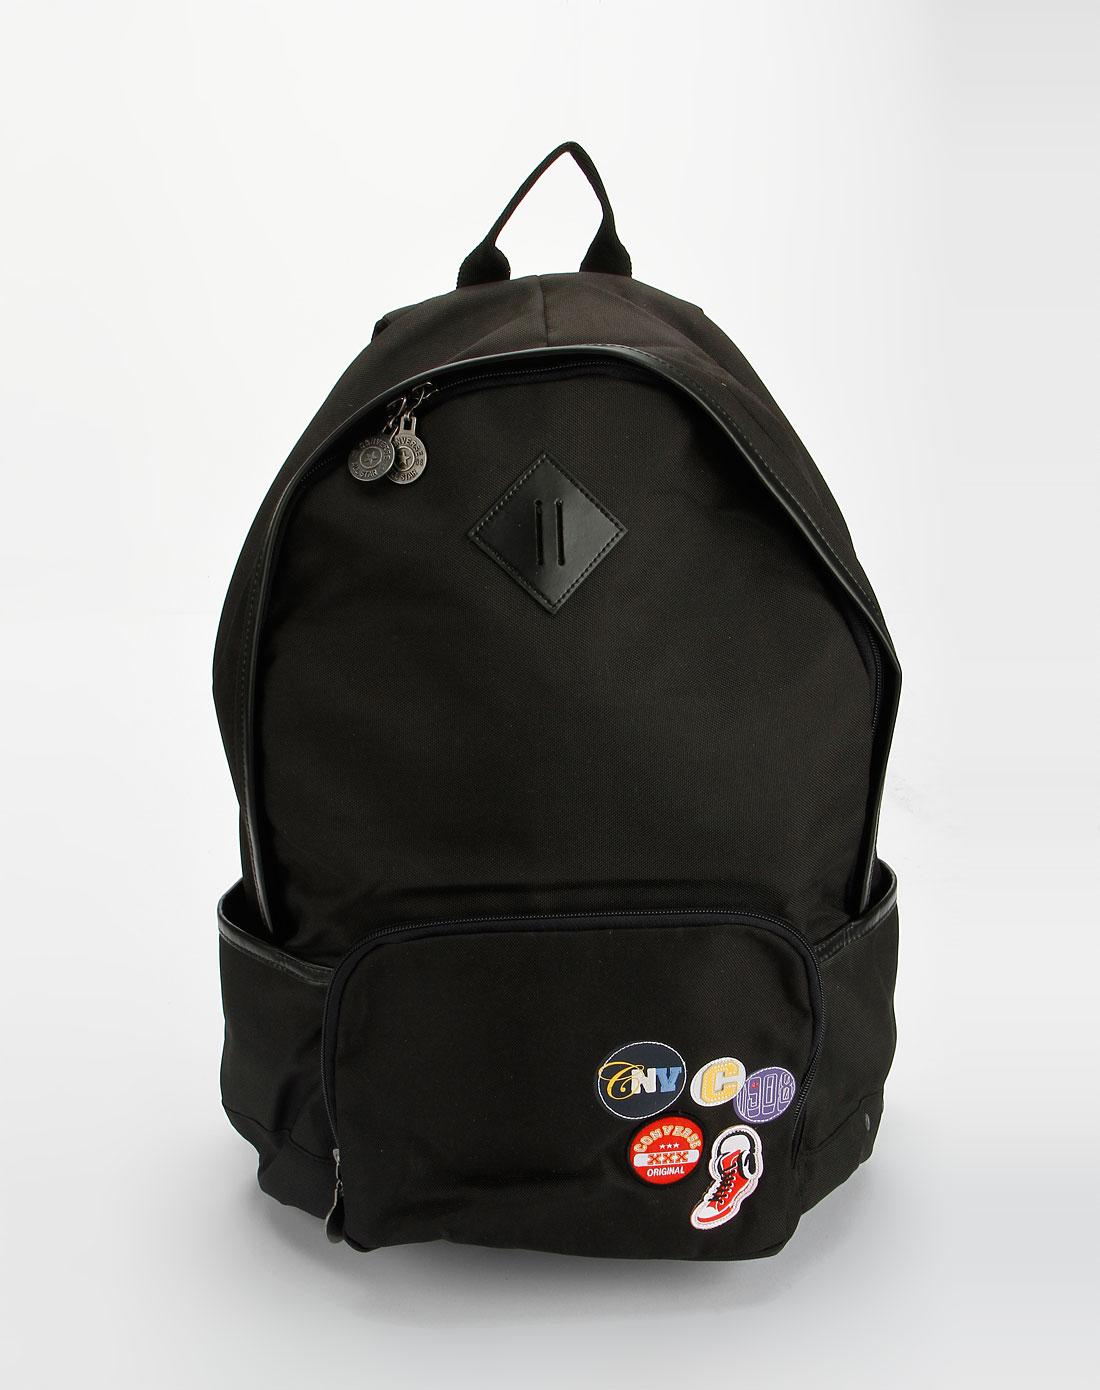 中性黑色时尚双肩背包